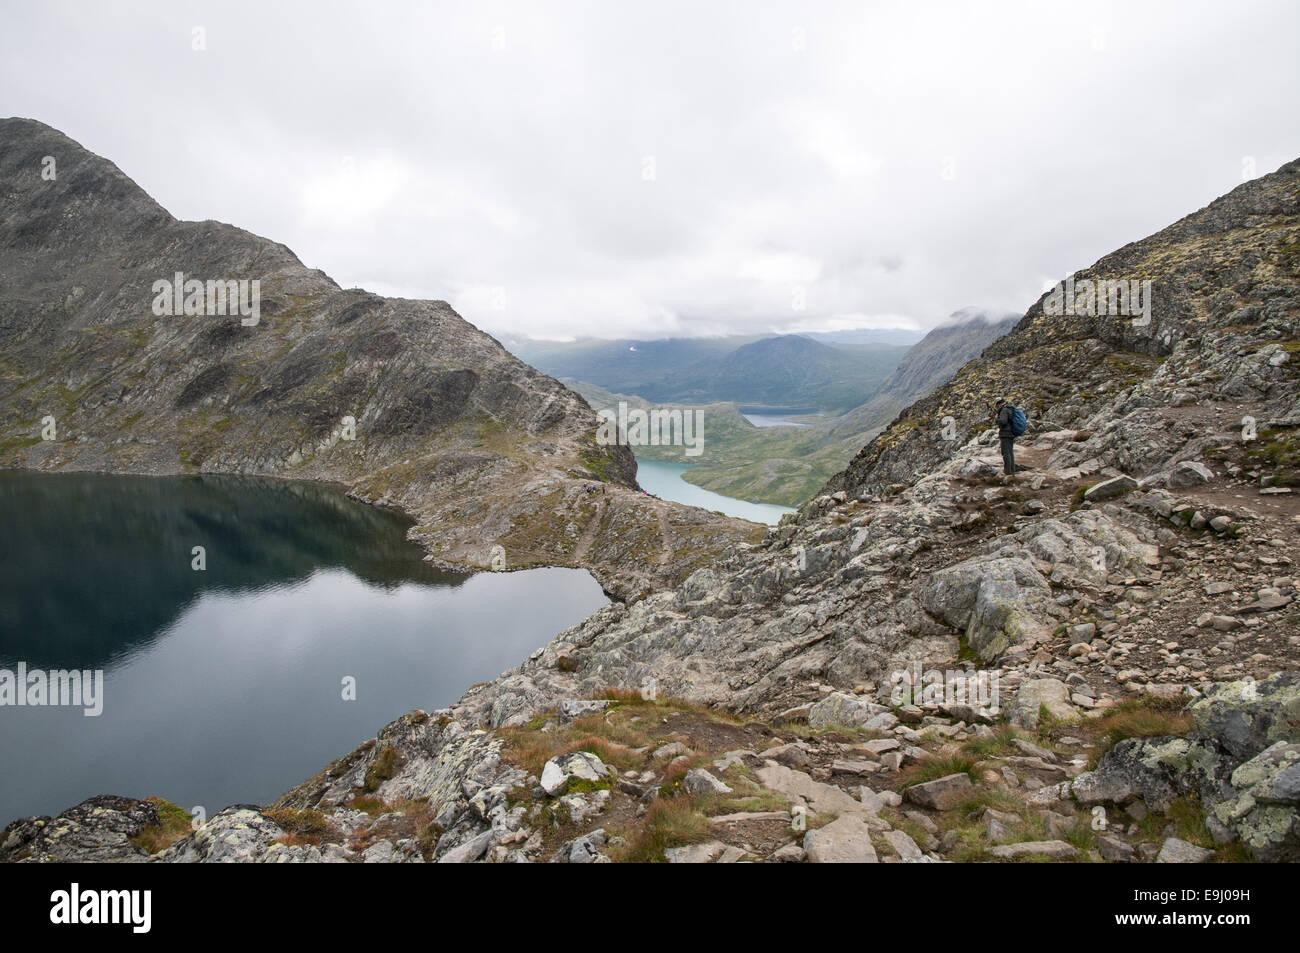 View across Besseggen mountain ridge in Jotunheimen, Norway. - Stock Image